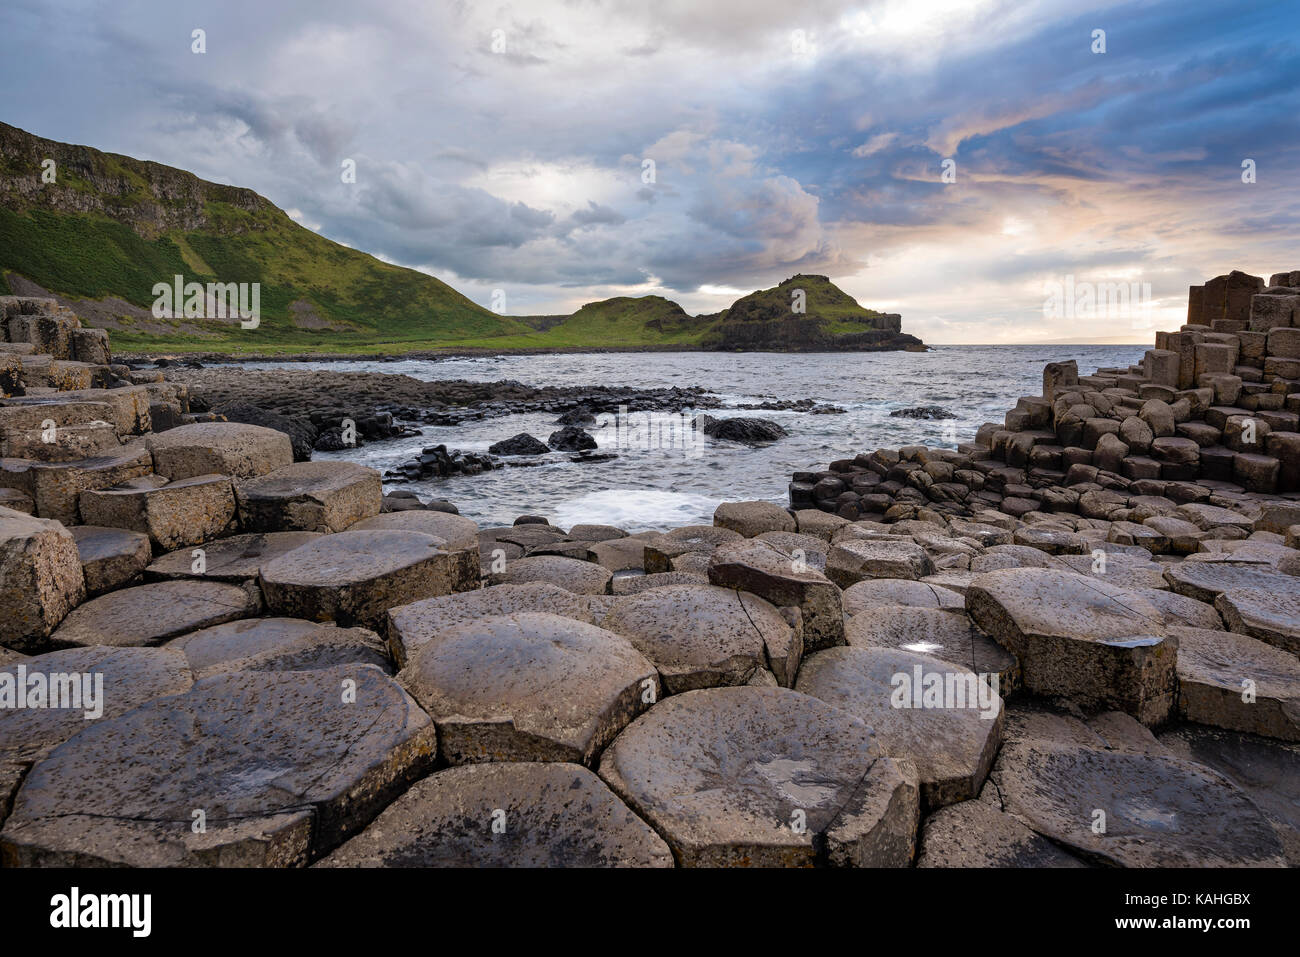 Les colonnes de basalte par la côte au coucher du soleil, Giant's Causeway, comté d'Antrim, en Irlande du Nord, Royaume-Uni Banque D'Images